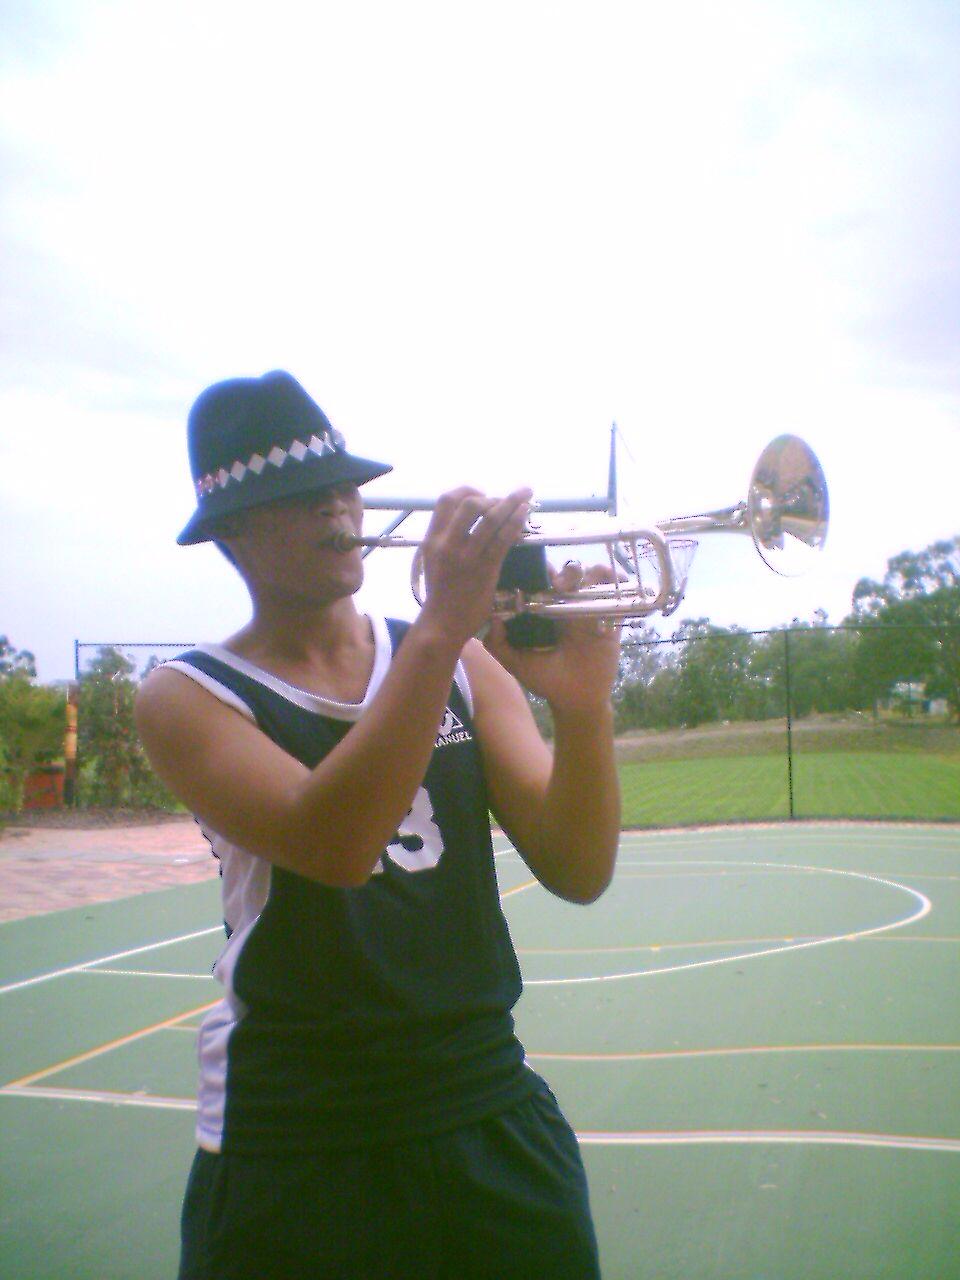 Allegiance - TK with a trumpet